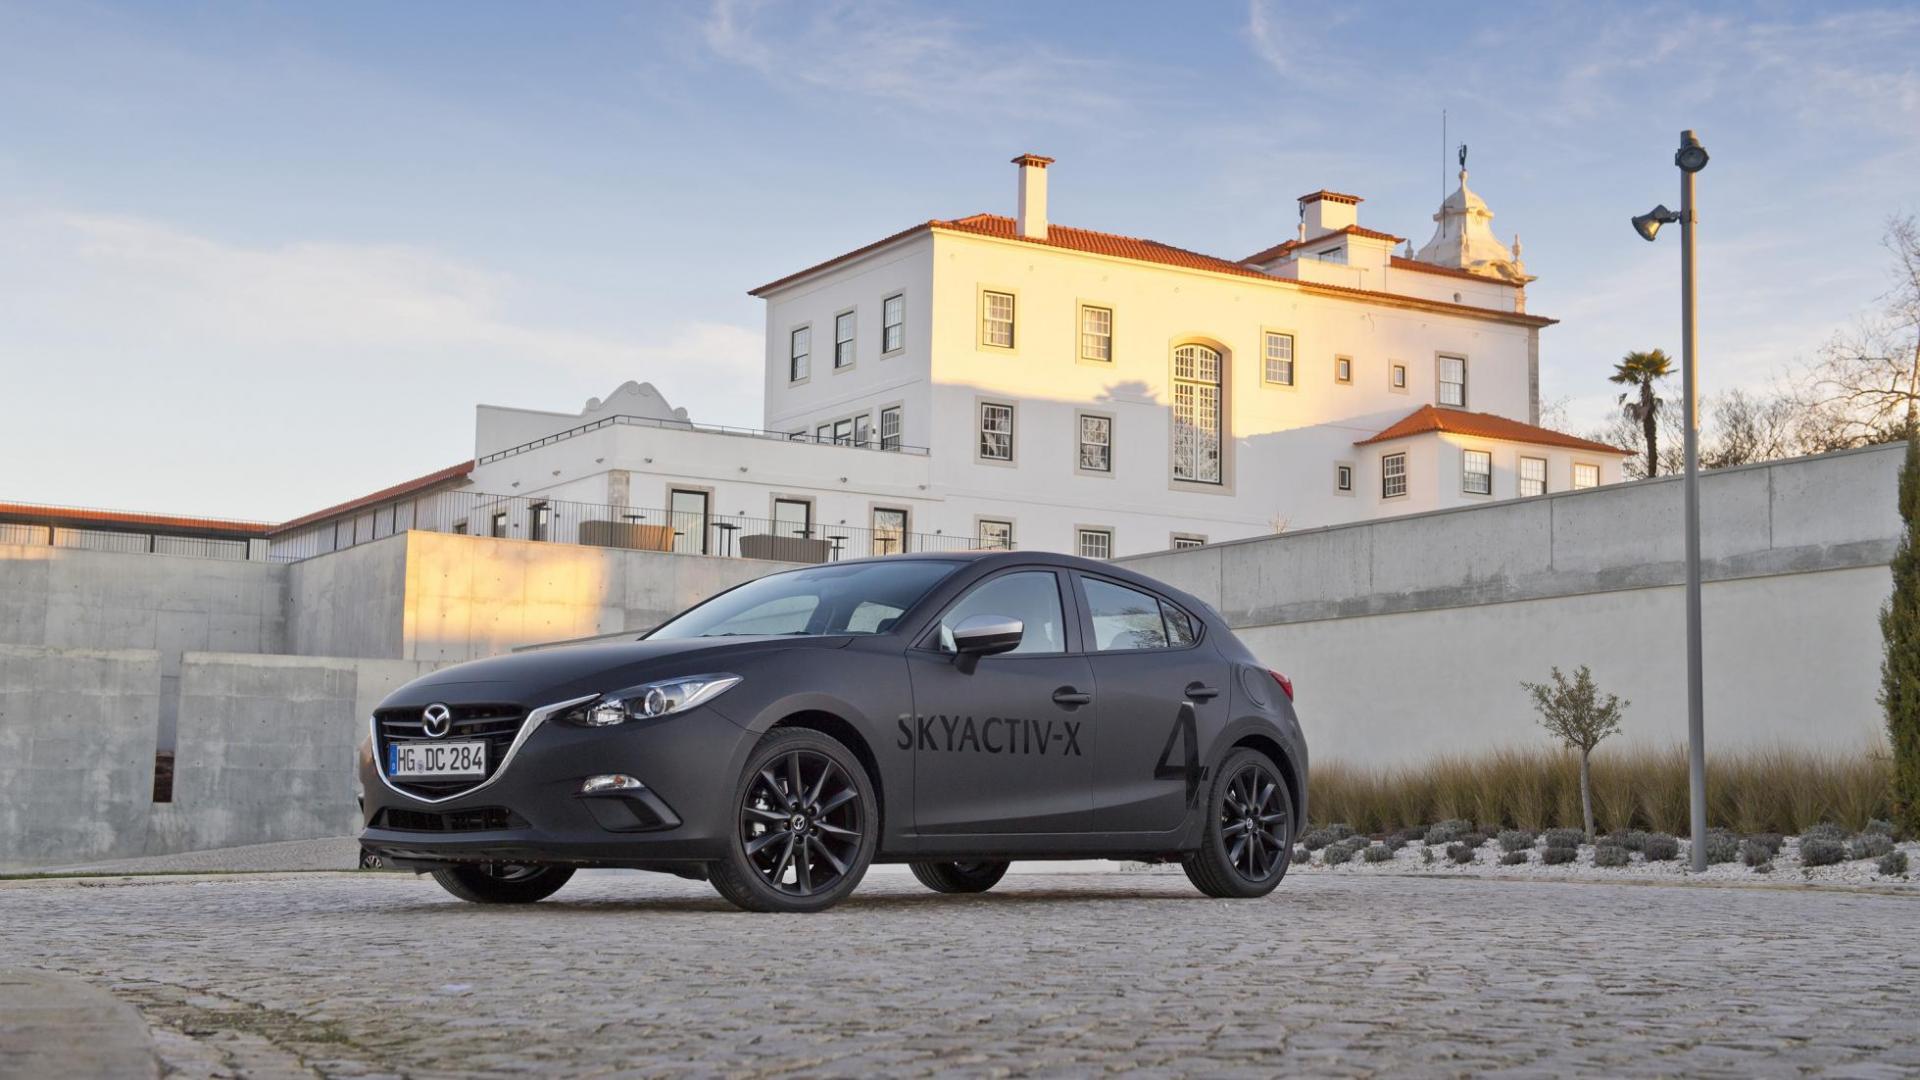 Mazda Skyactiv-X 2.0Mazda Skyactiv-X 2.0